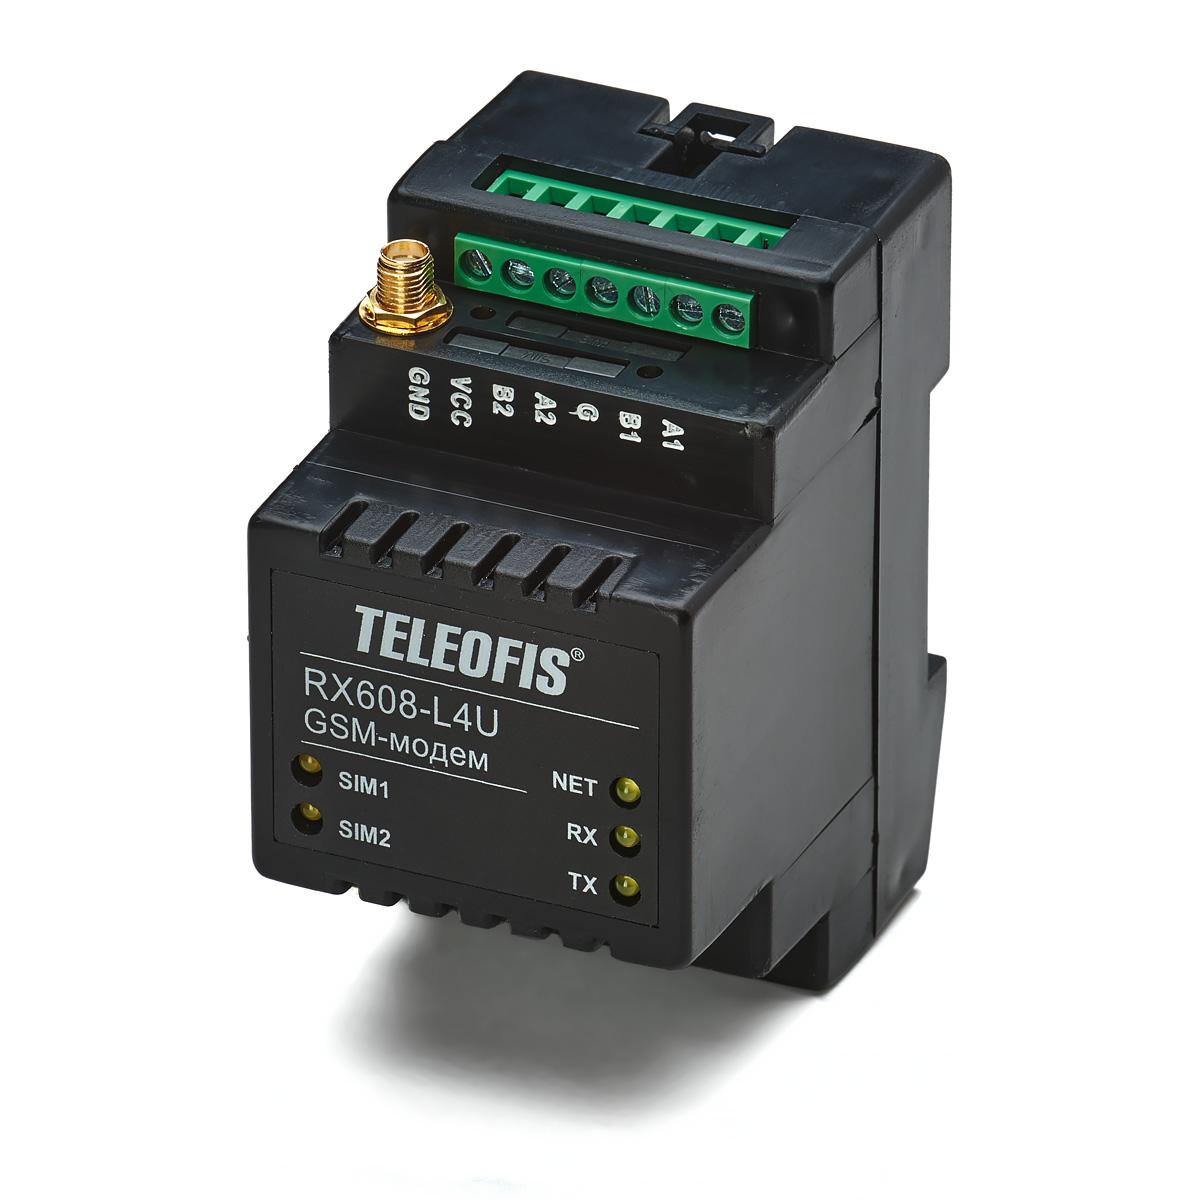 TELEOFIS RX608-L4U